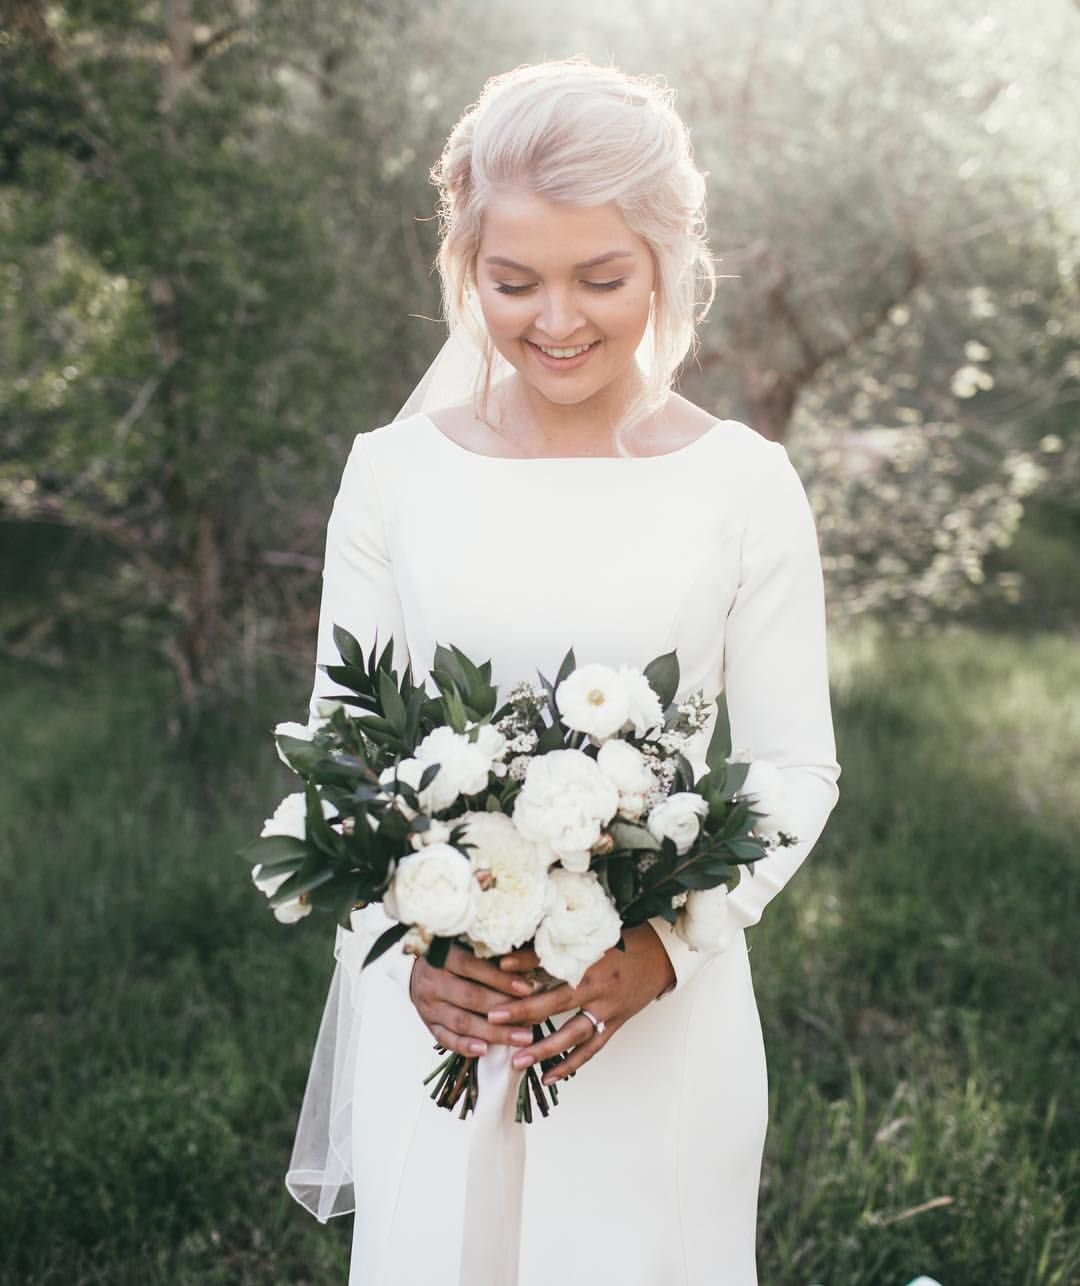 Emmy lowe photo on instagram emmylowephotoud abiti da sposa